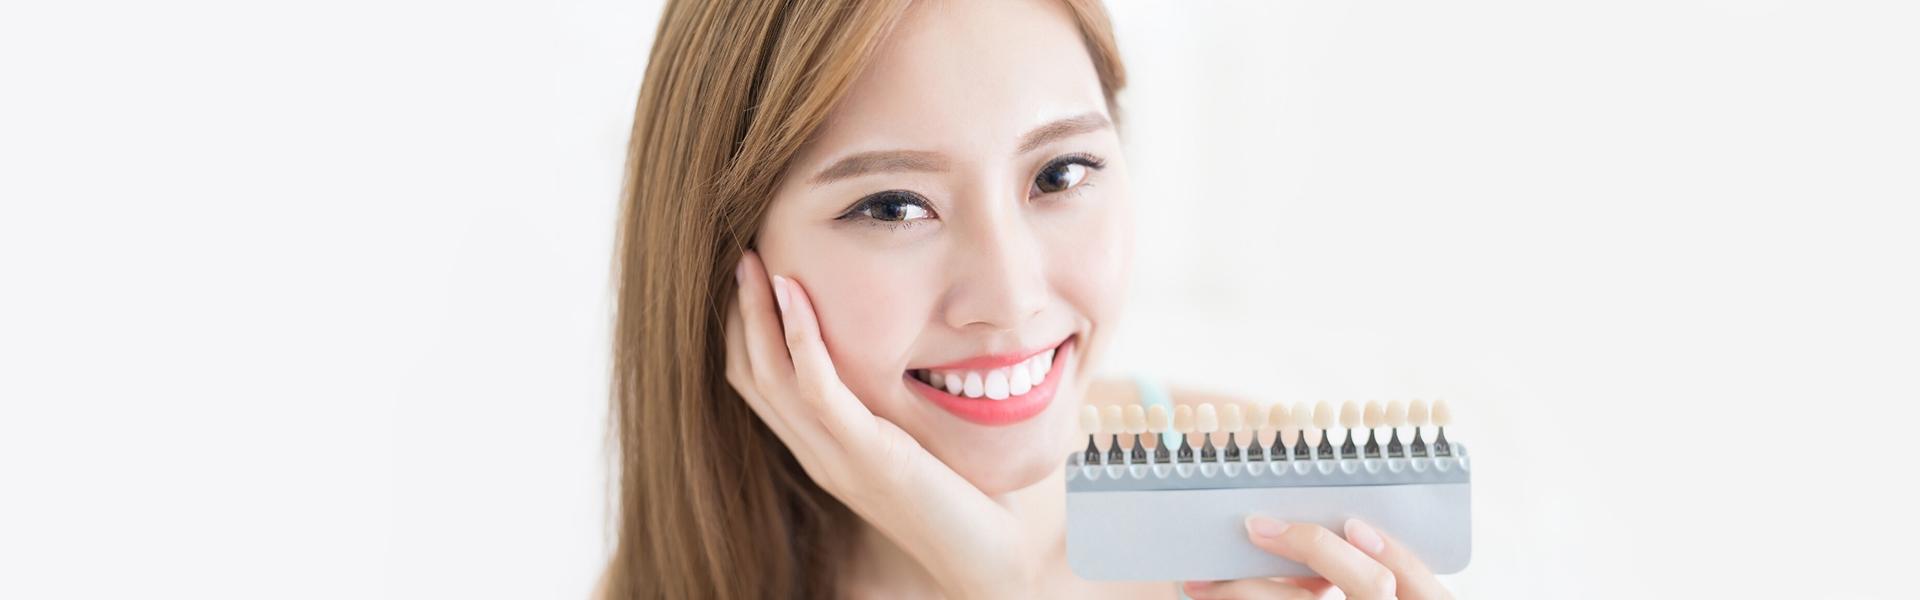 The Dental Veneers Survival Guide